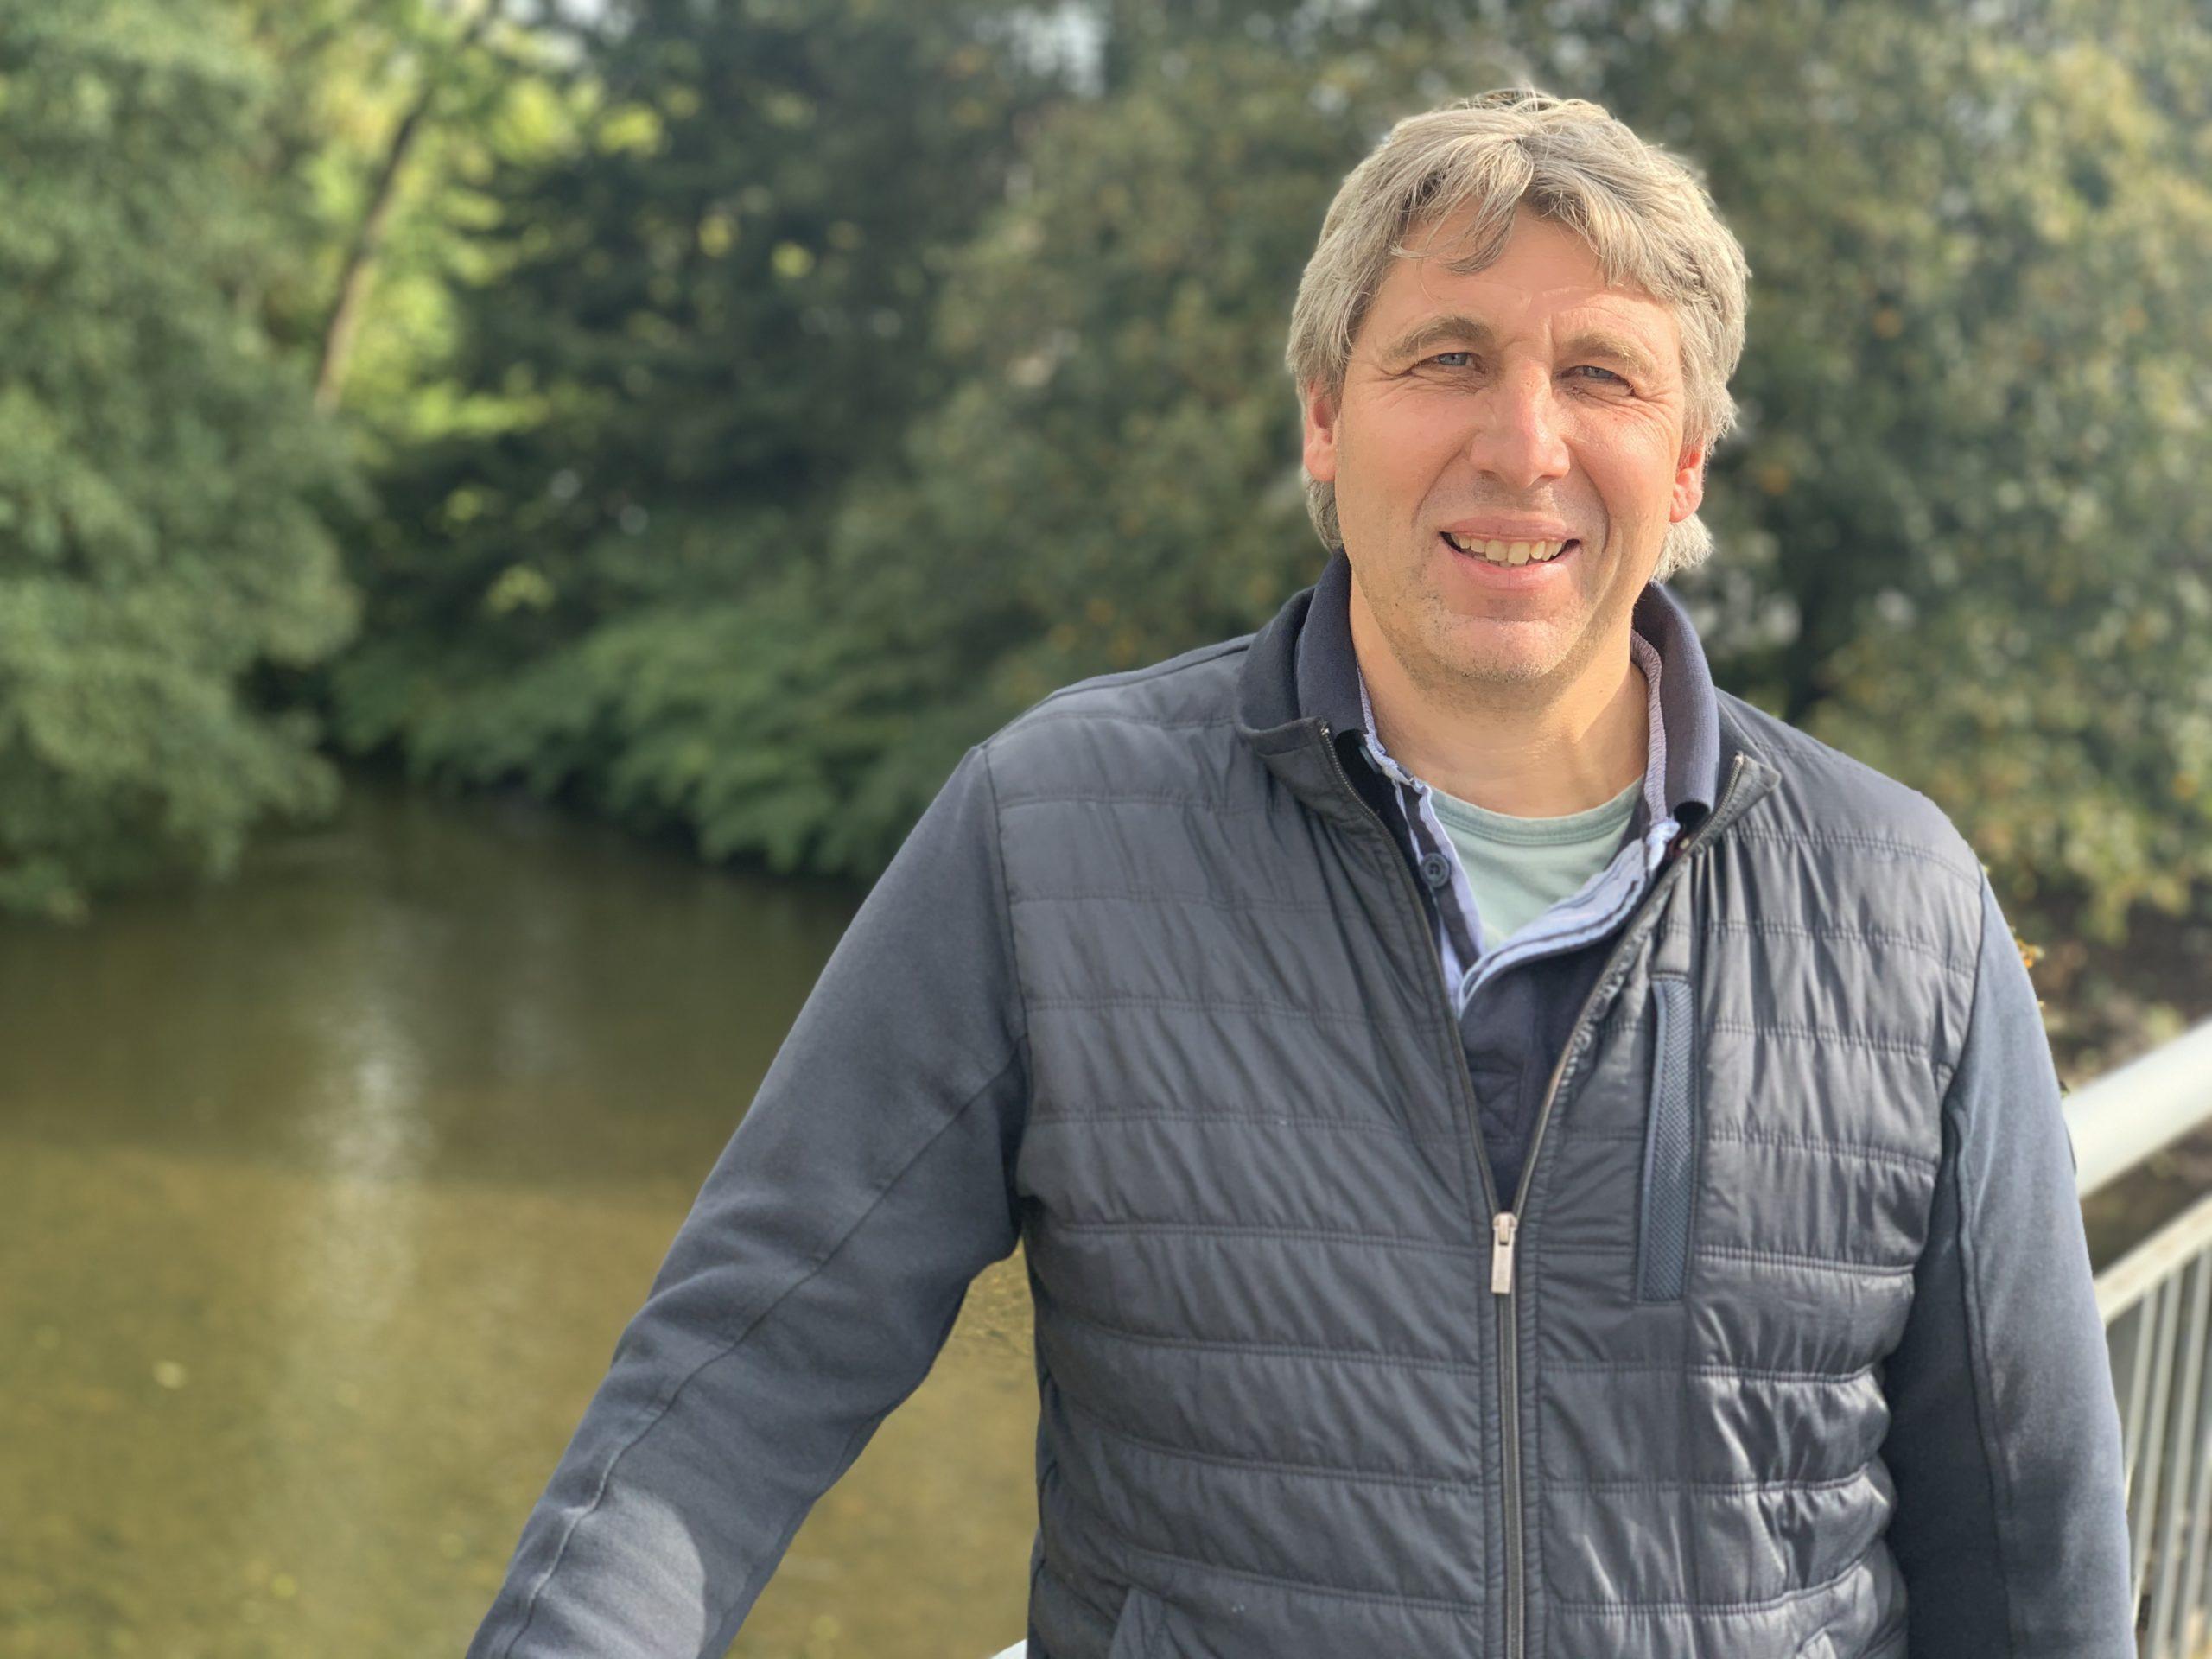 Benoît Cornu se prononce sur le projet de captage d'eau dans le bassin de Champagney